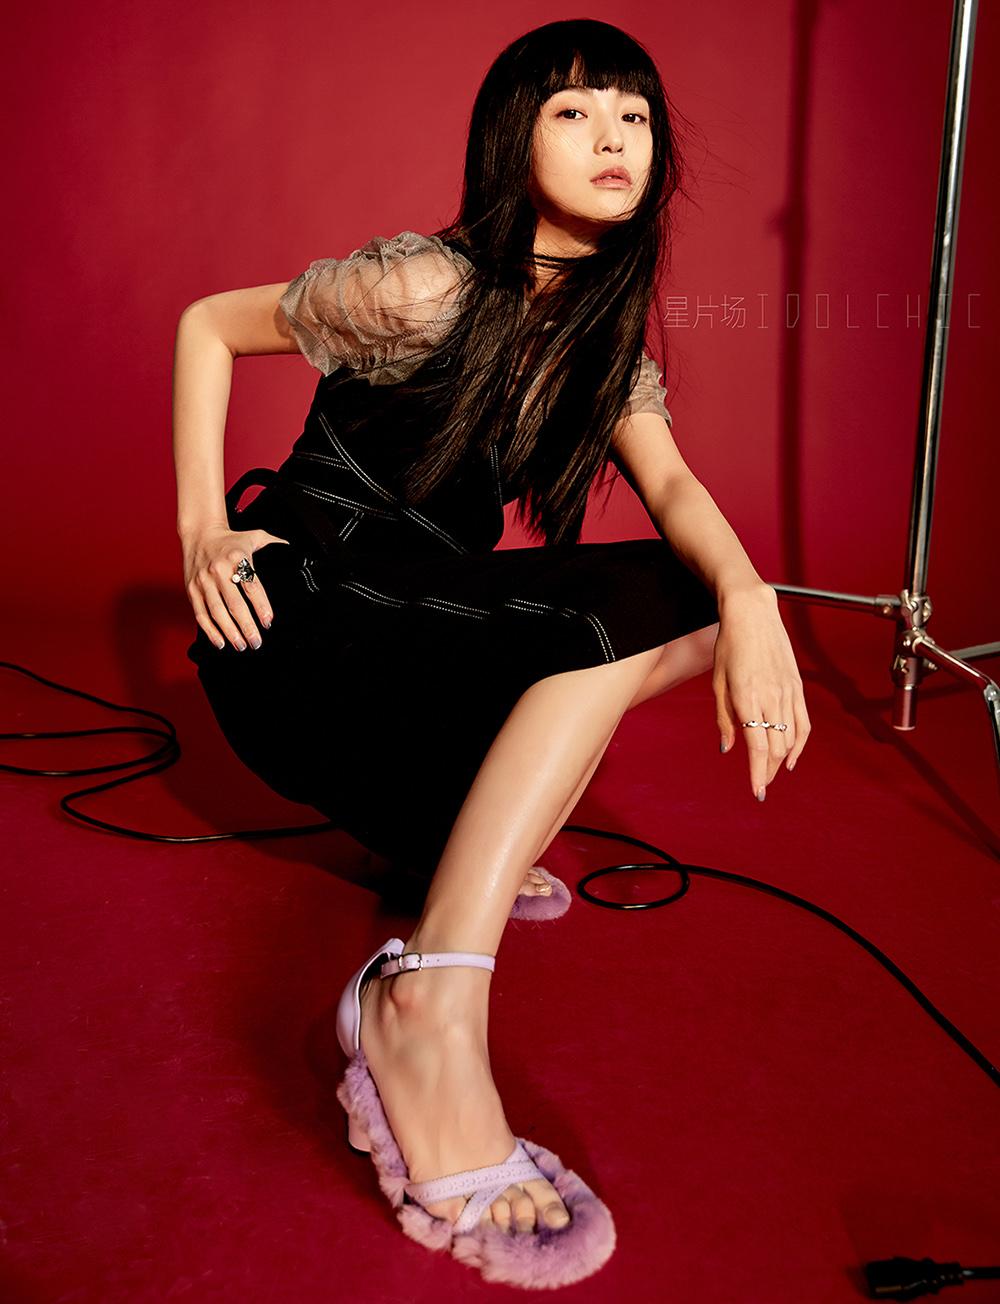 王妍之曝个性复古写真 气质冷艳展前卫时尚感